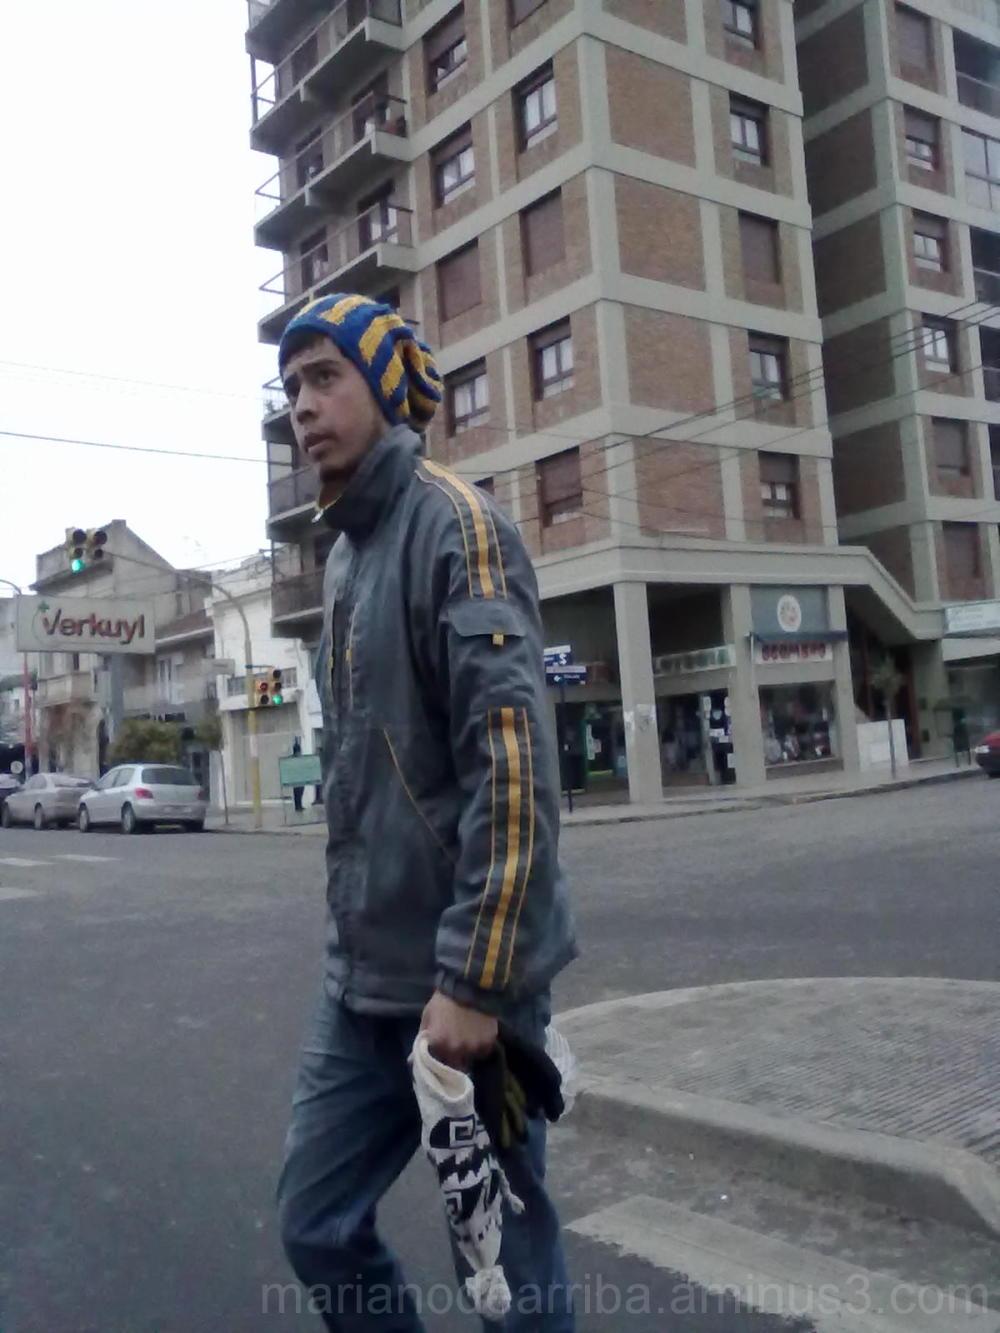 callejeras marianodearriba